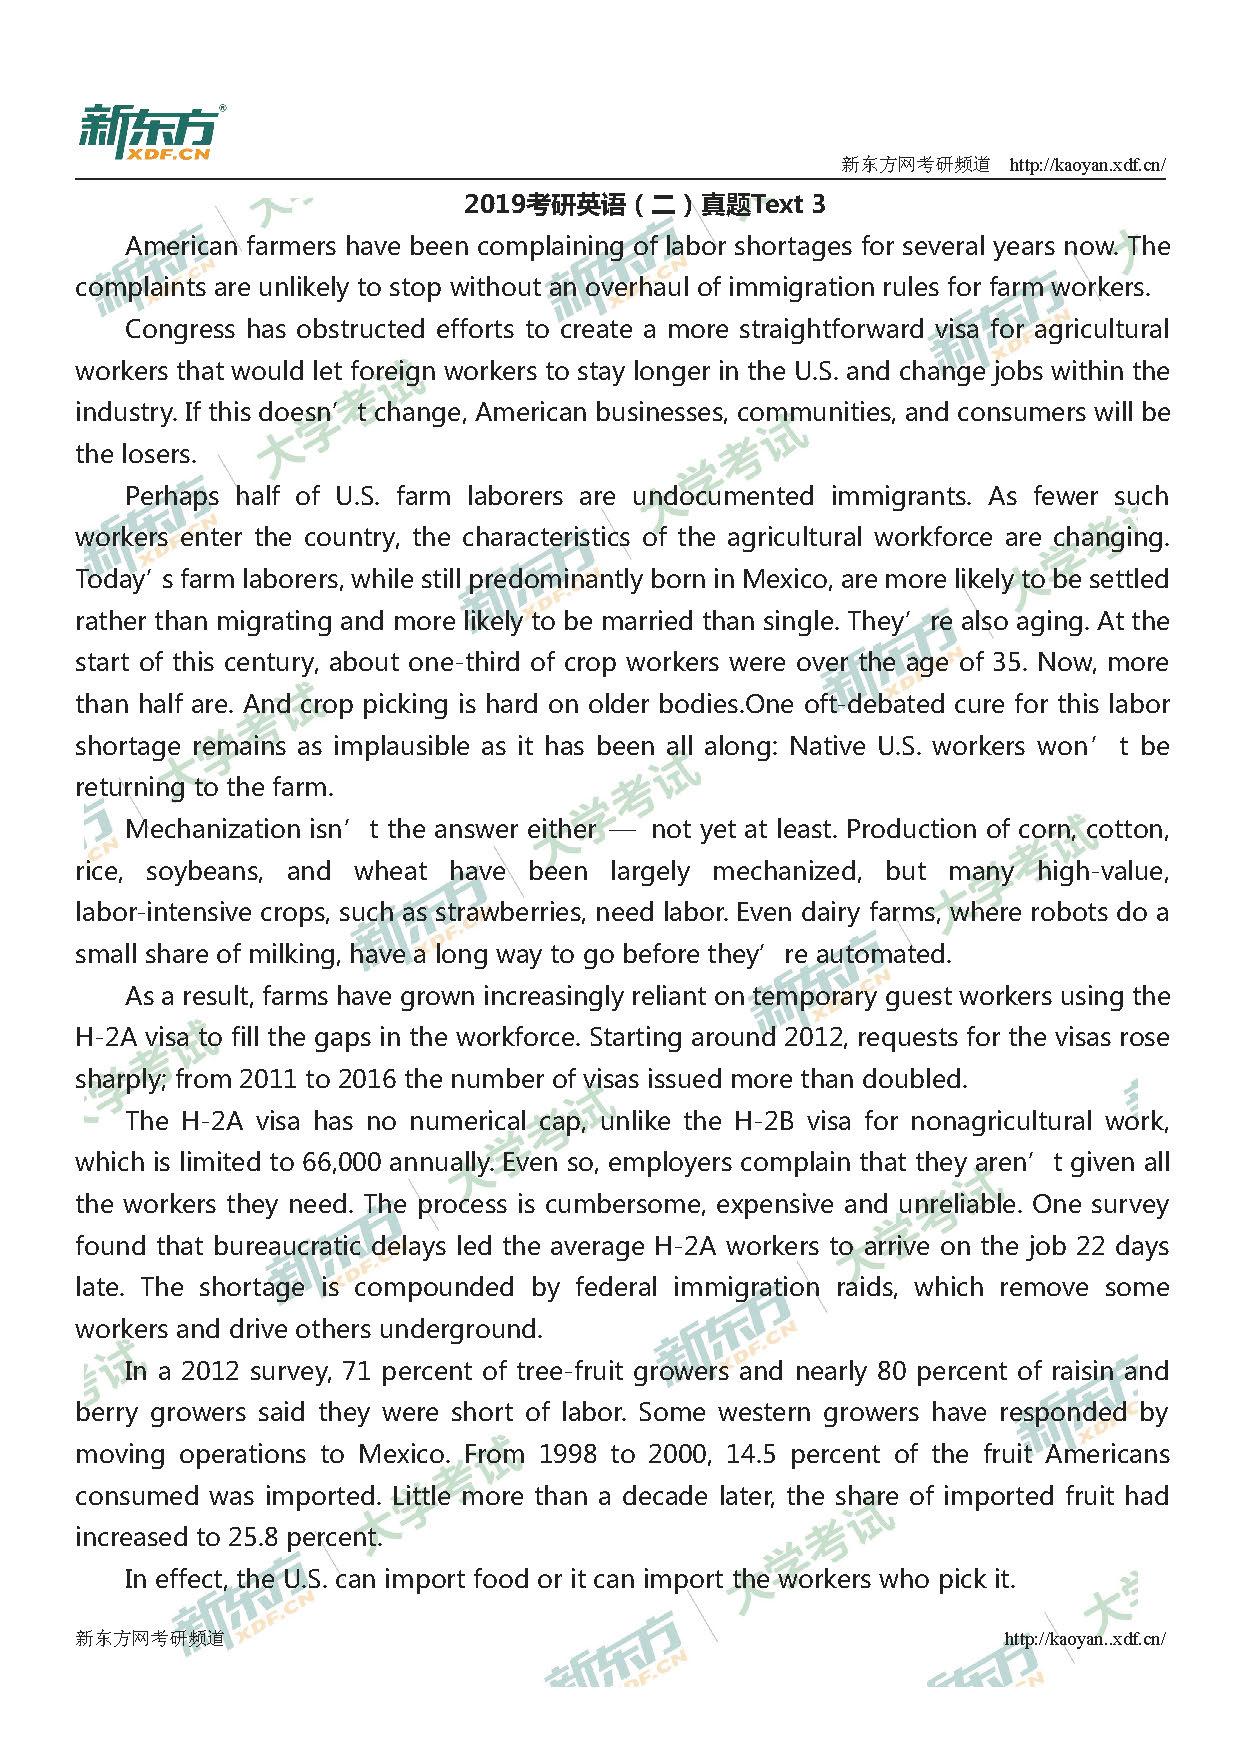 2019考研英语二阅读Text3真题(新东方版)